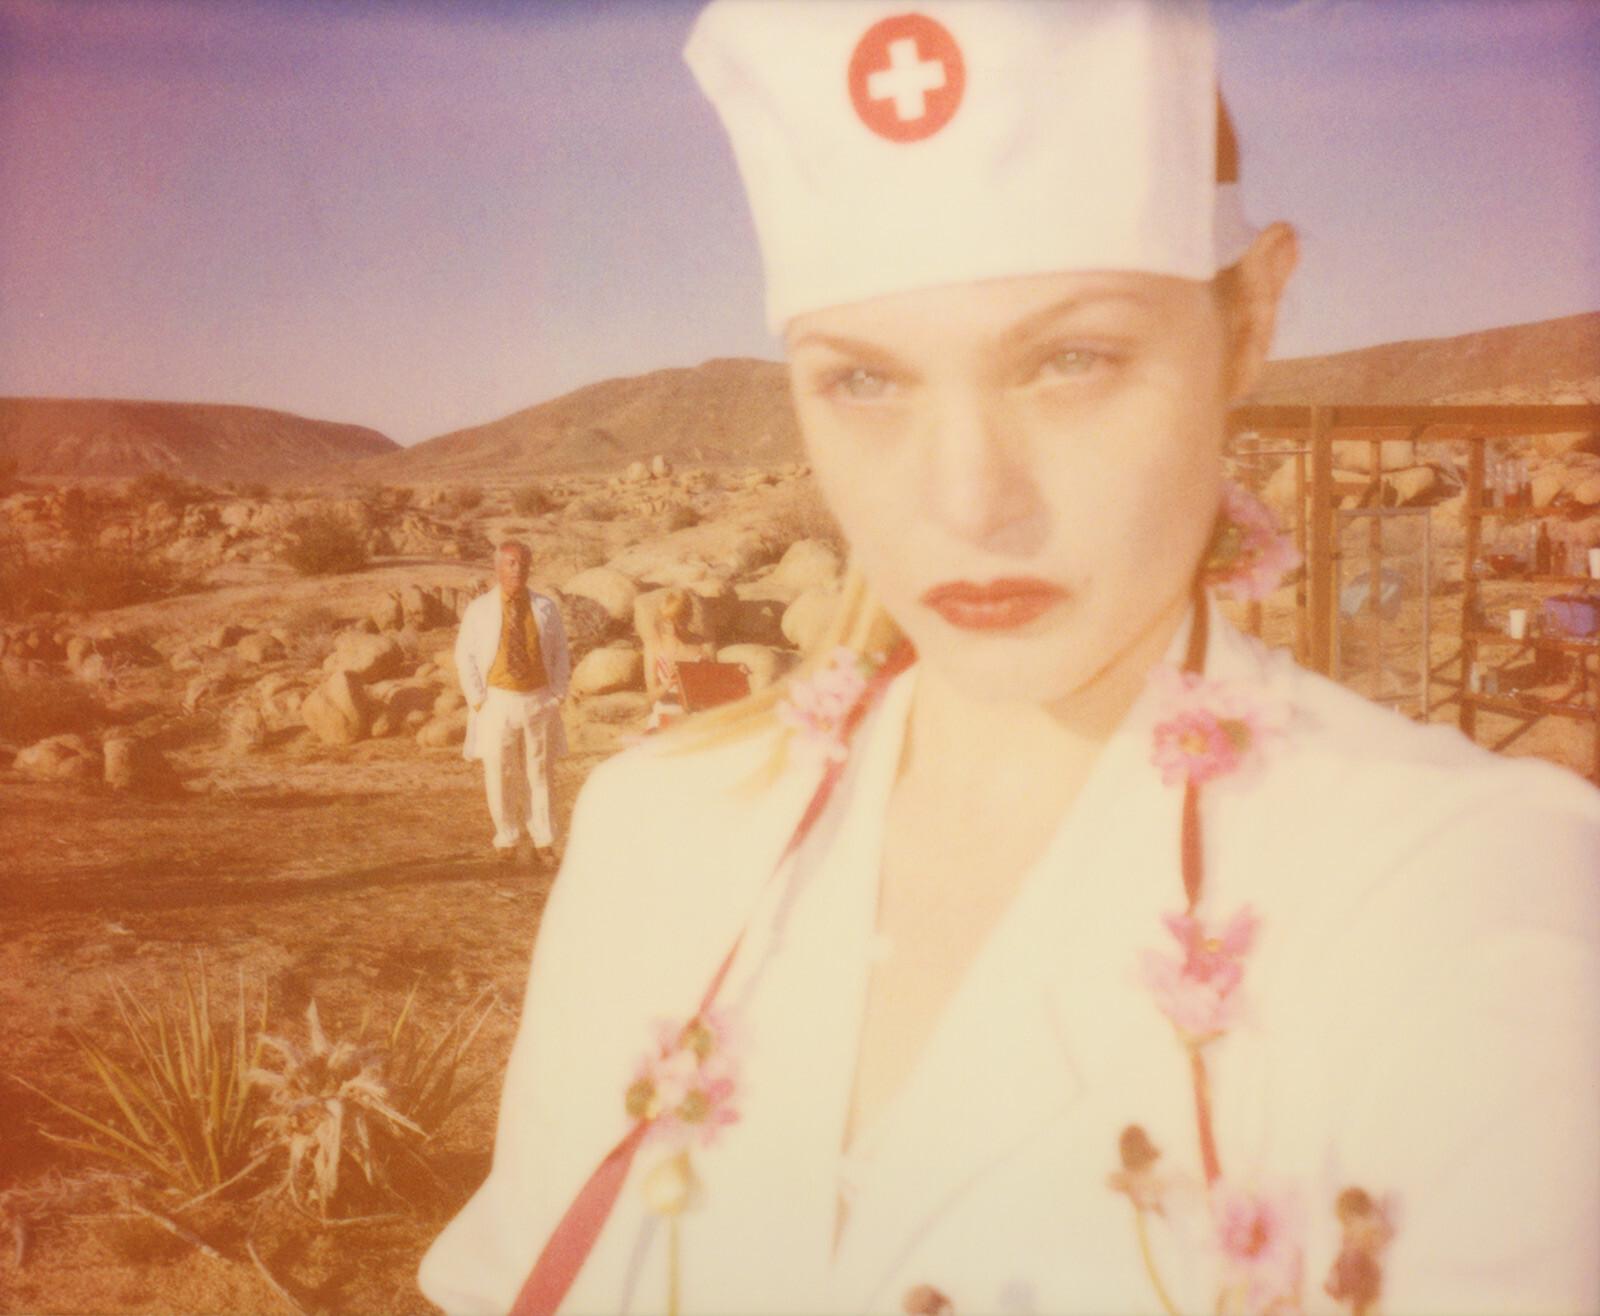 The Nurse - Stefanie Schneider